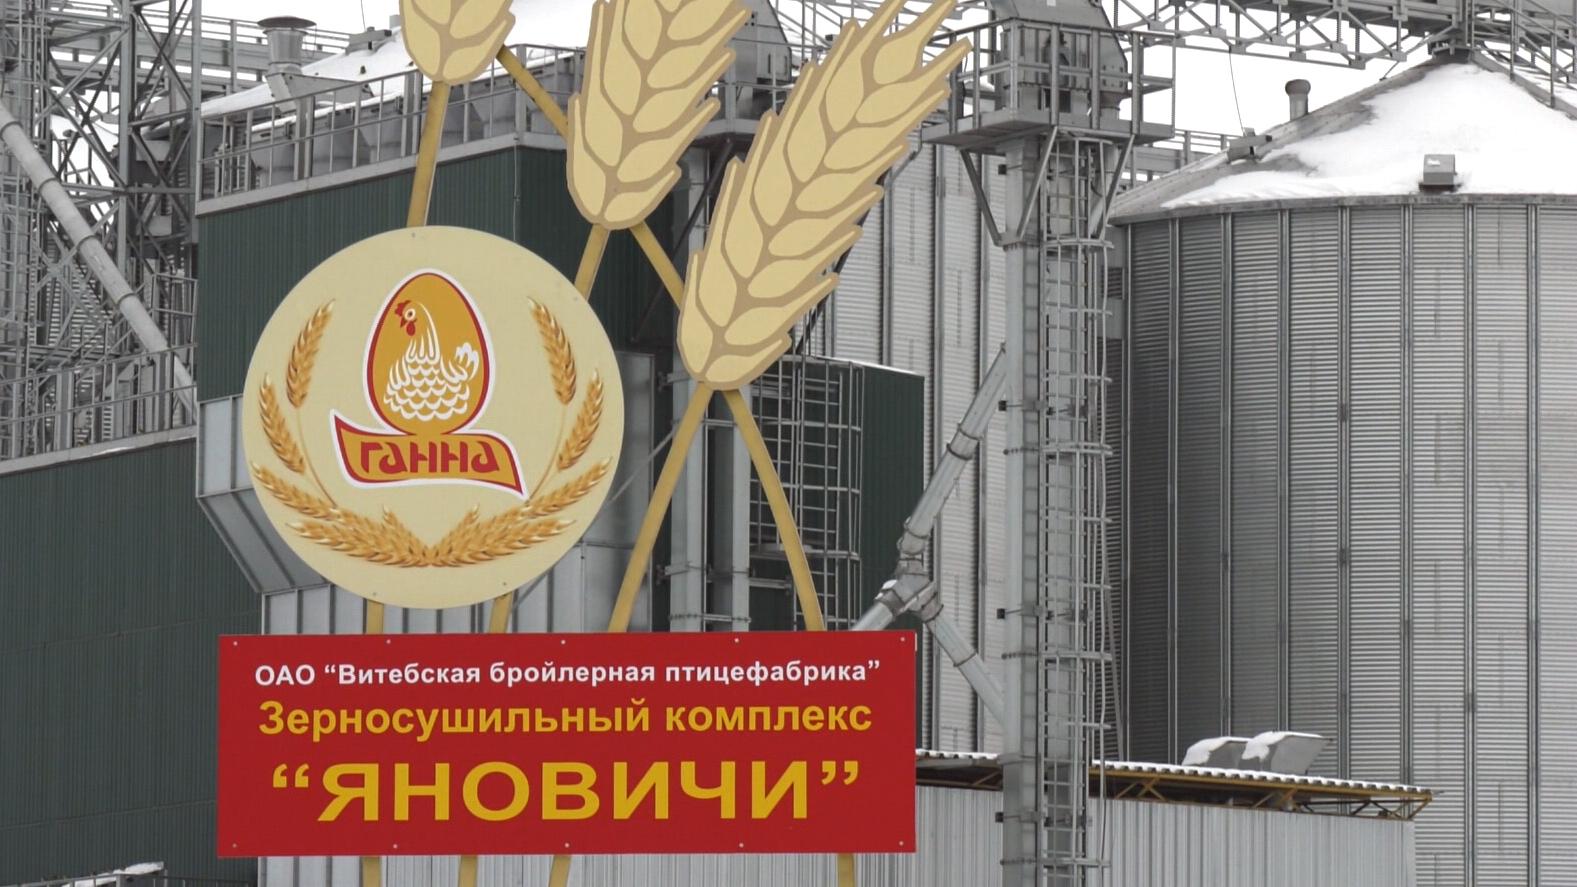 janovichi - В Яновичах ввели в эксплуатацию многоквартирный дом (видео)